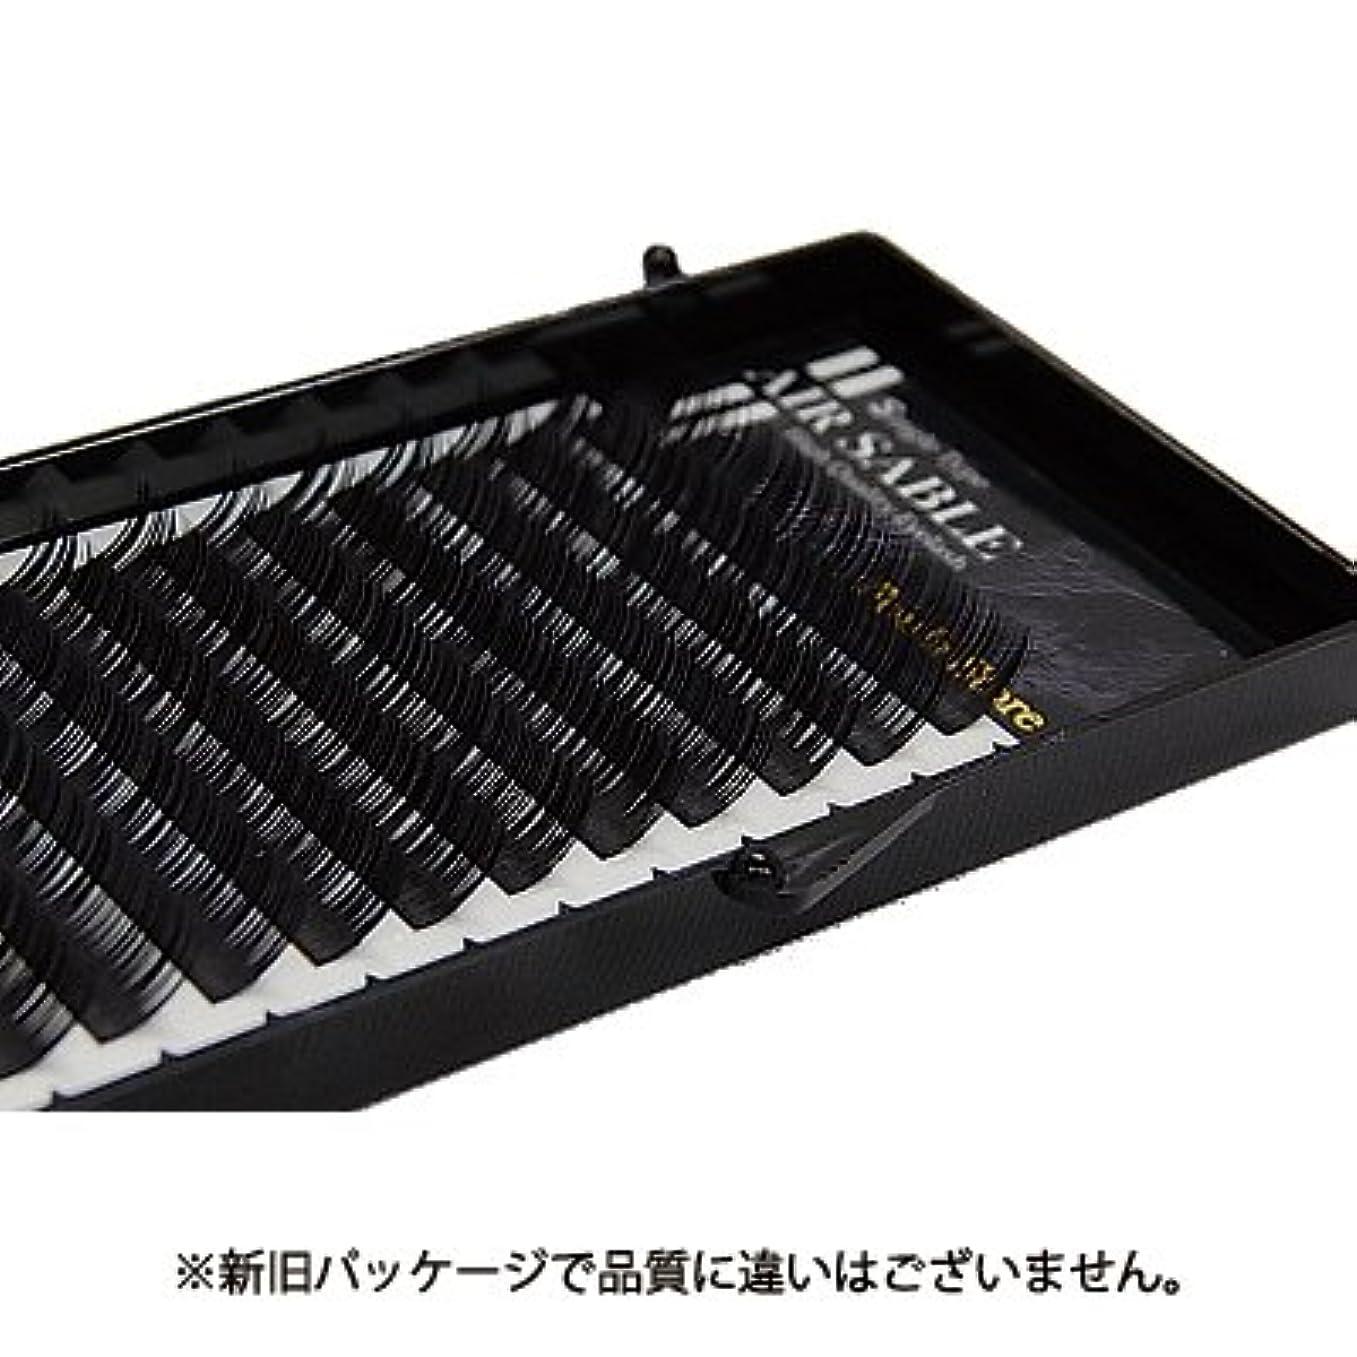 コンピューターを使用する不均一ささやき【フーラ】エアーセーブル シート 12列 Cカール 10mm×0.15mm